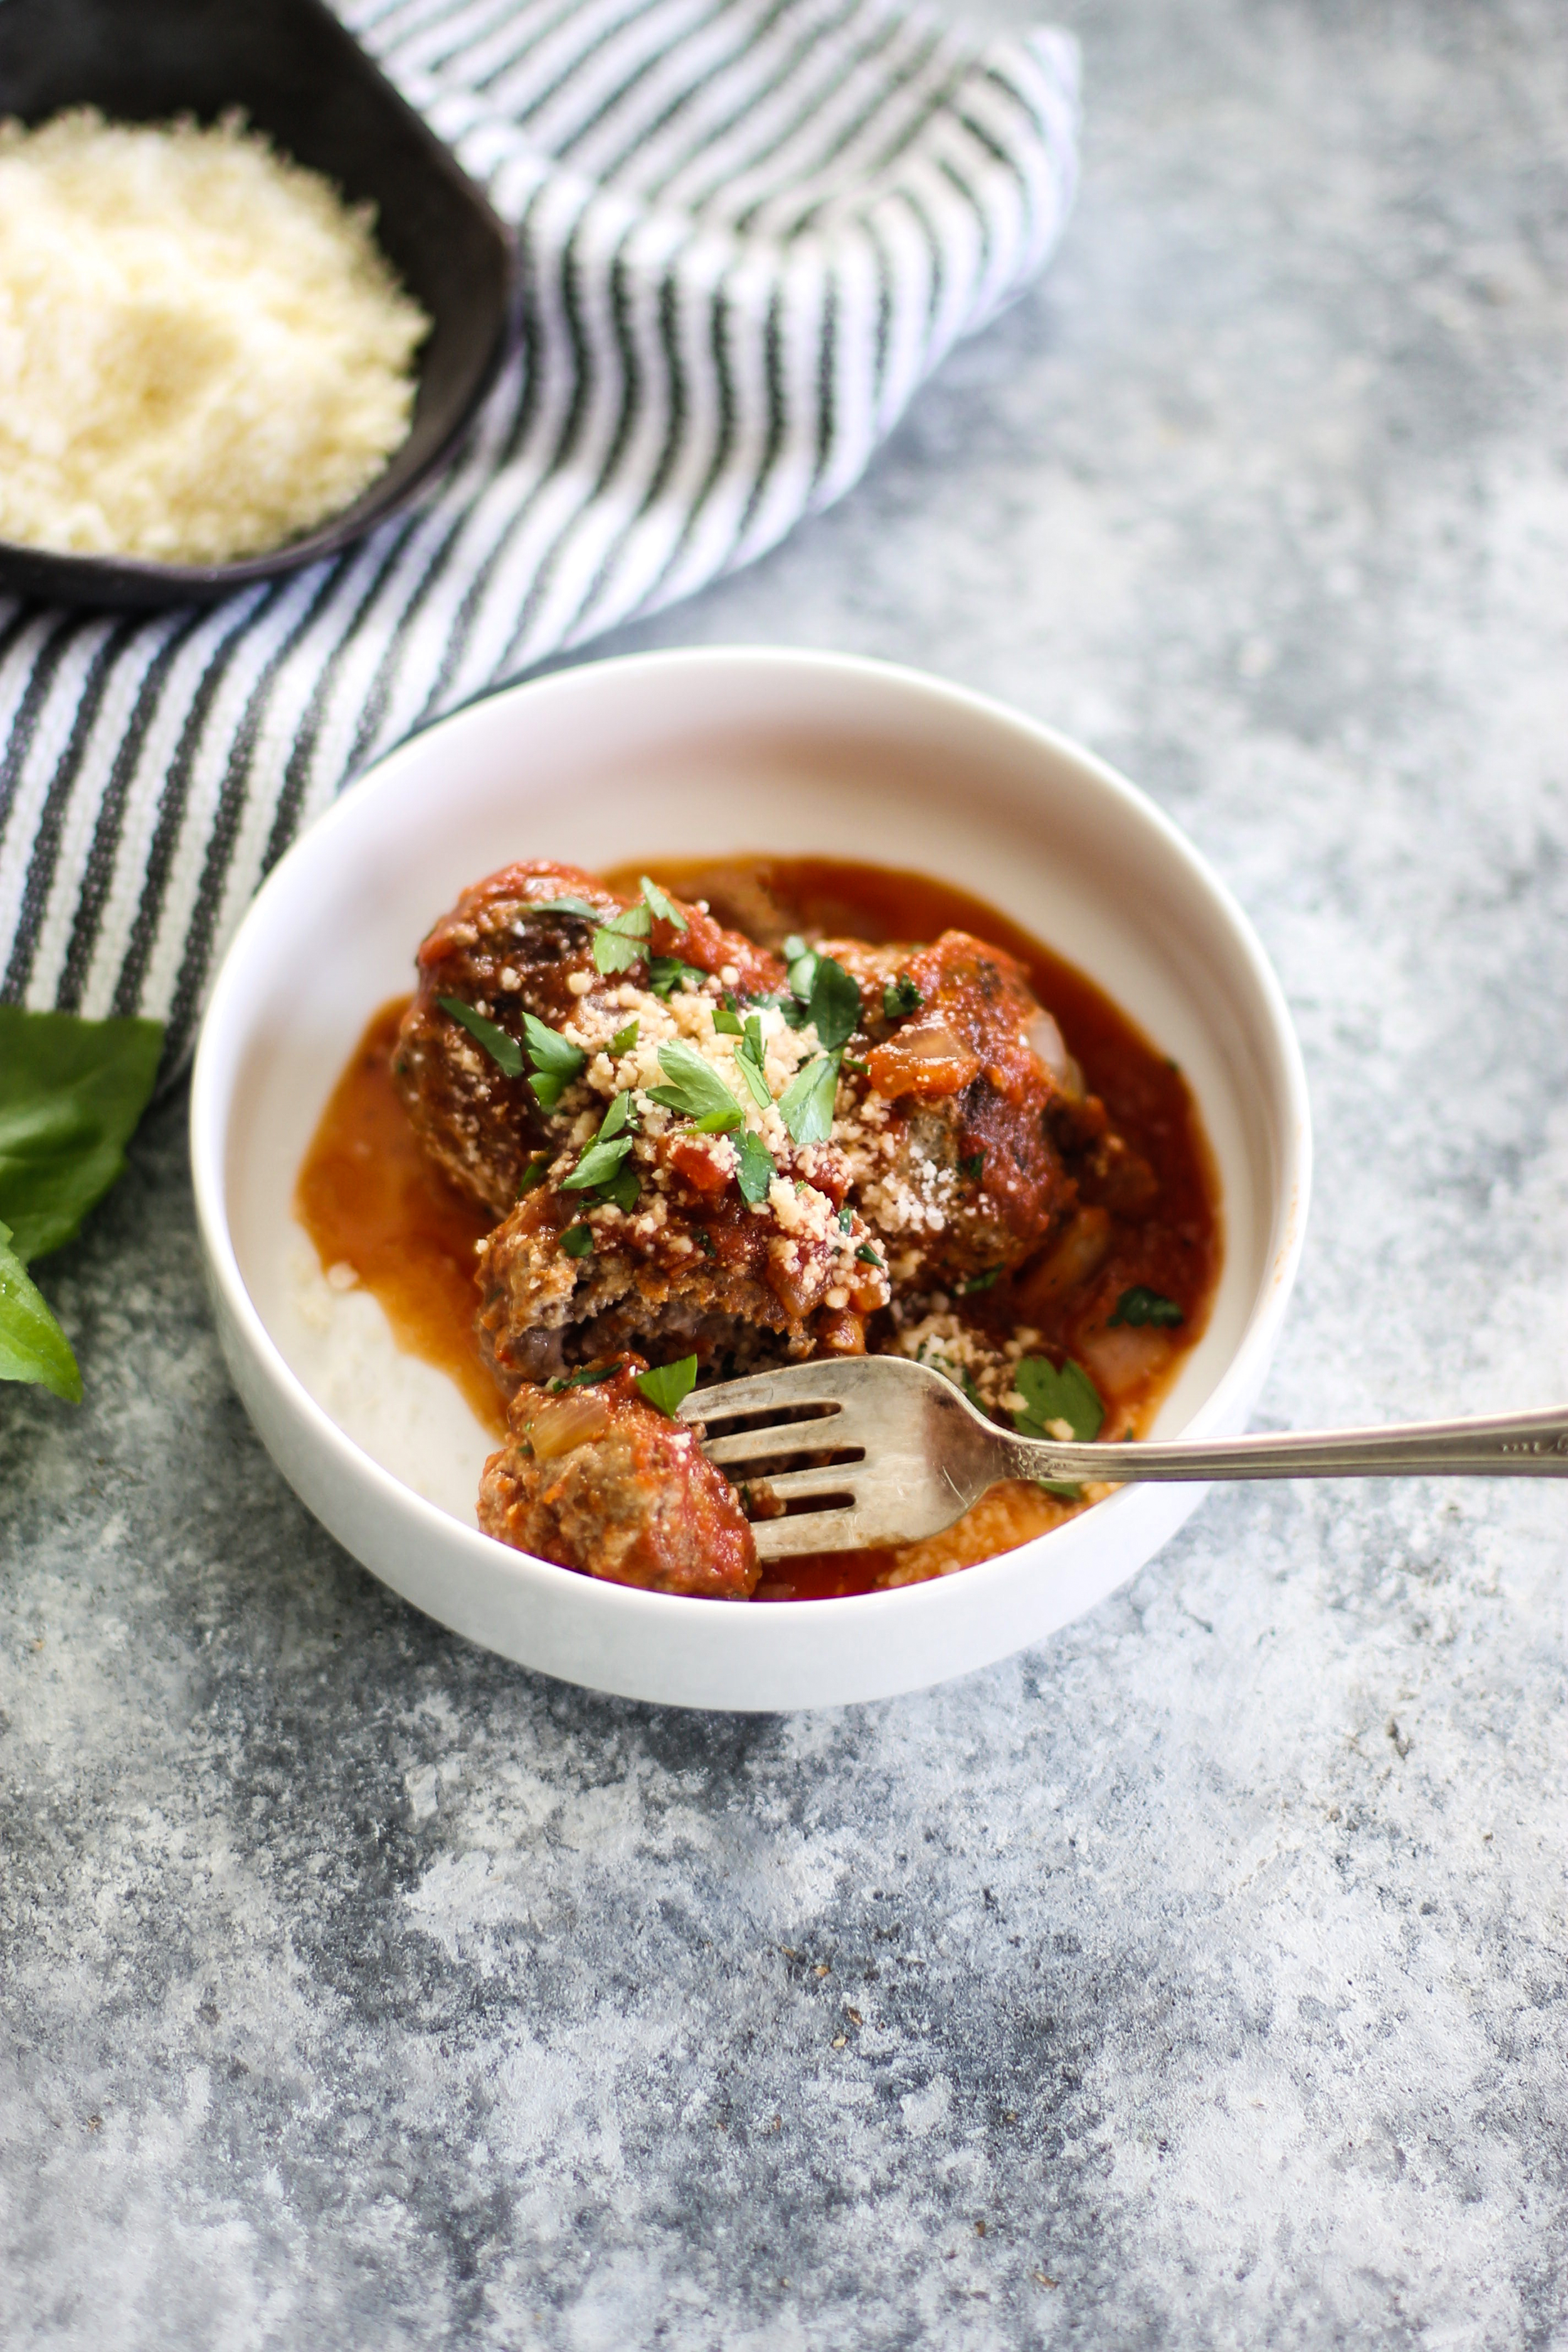 Easy Homemade Meatballs in Marinara: My Diary of Us